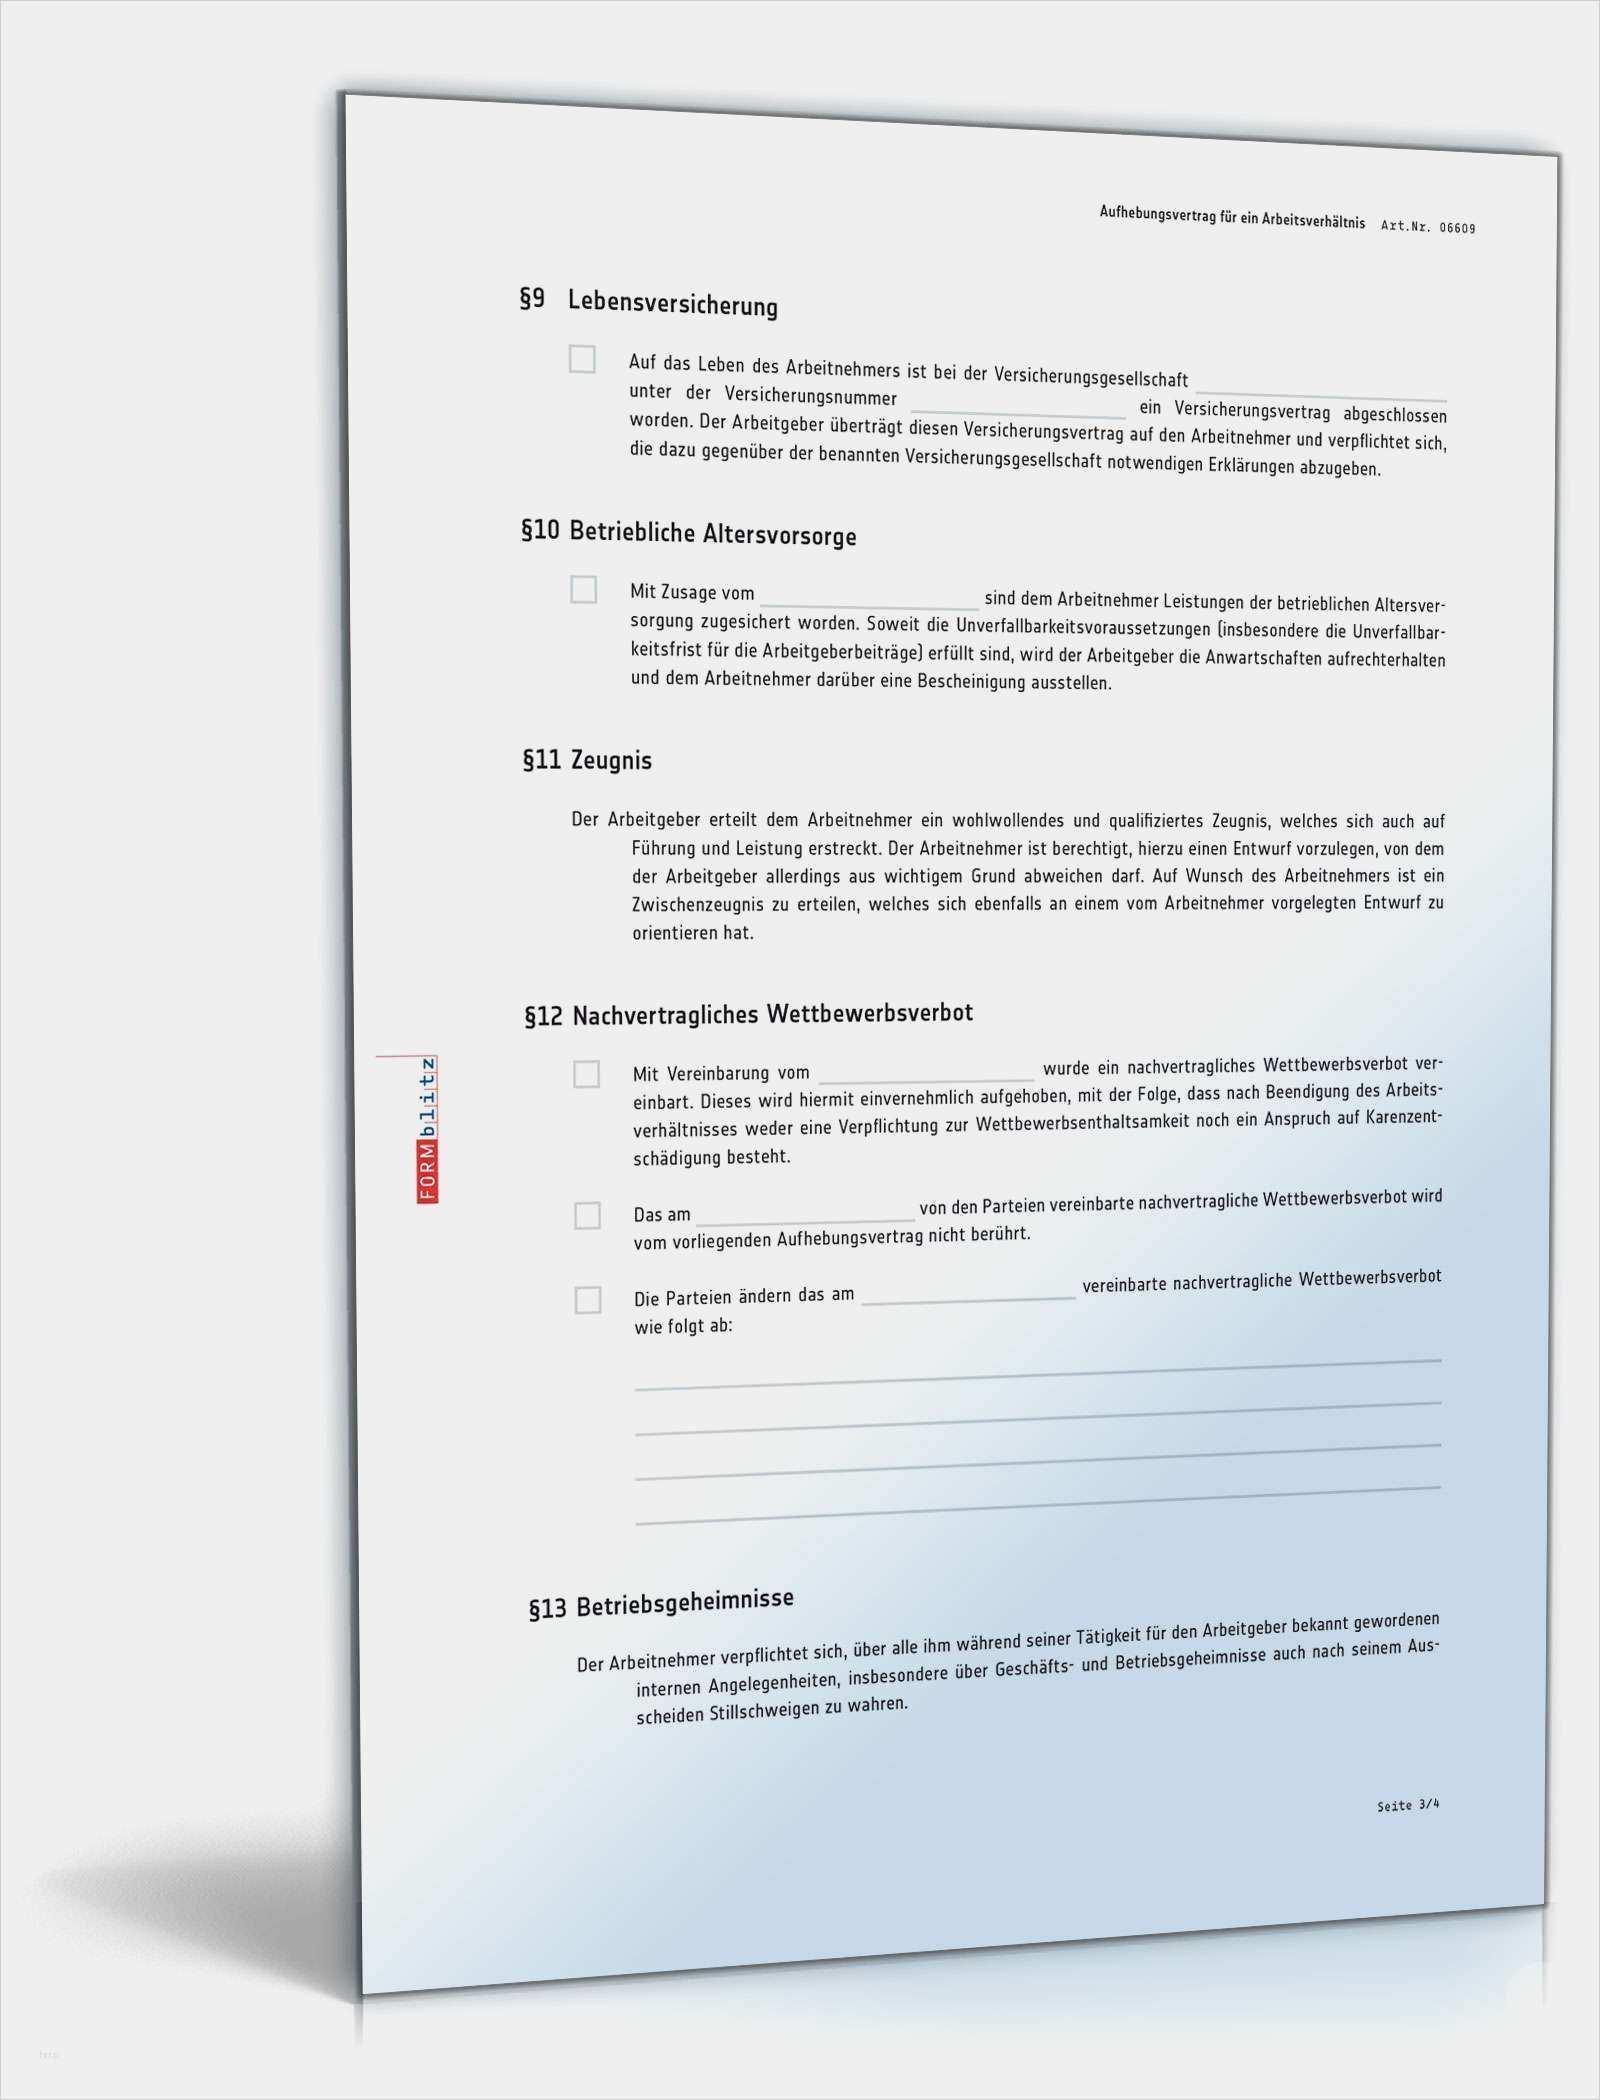 34 Beste Vorlage Aufhebungsvertrag Arbeitnehmer Modelle Vertrag Aufhebung Aufhebungsvertrag Arbeitnehmer